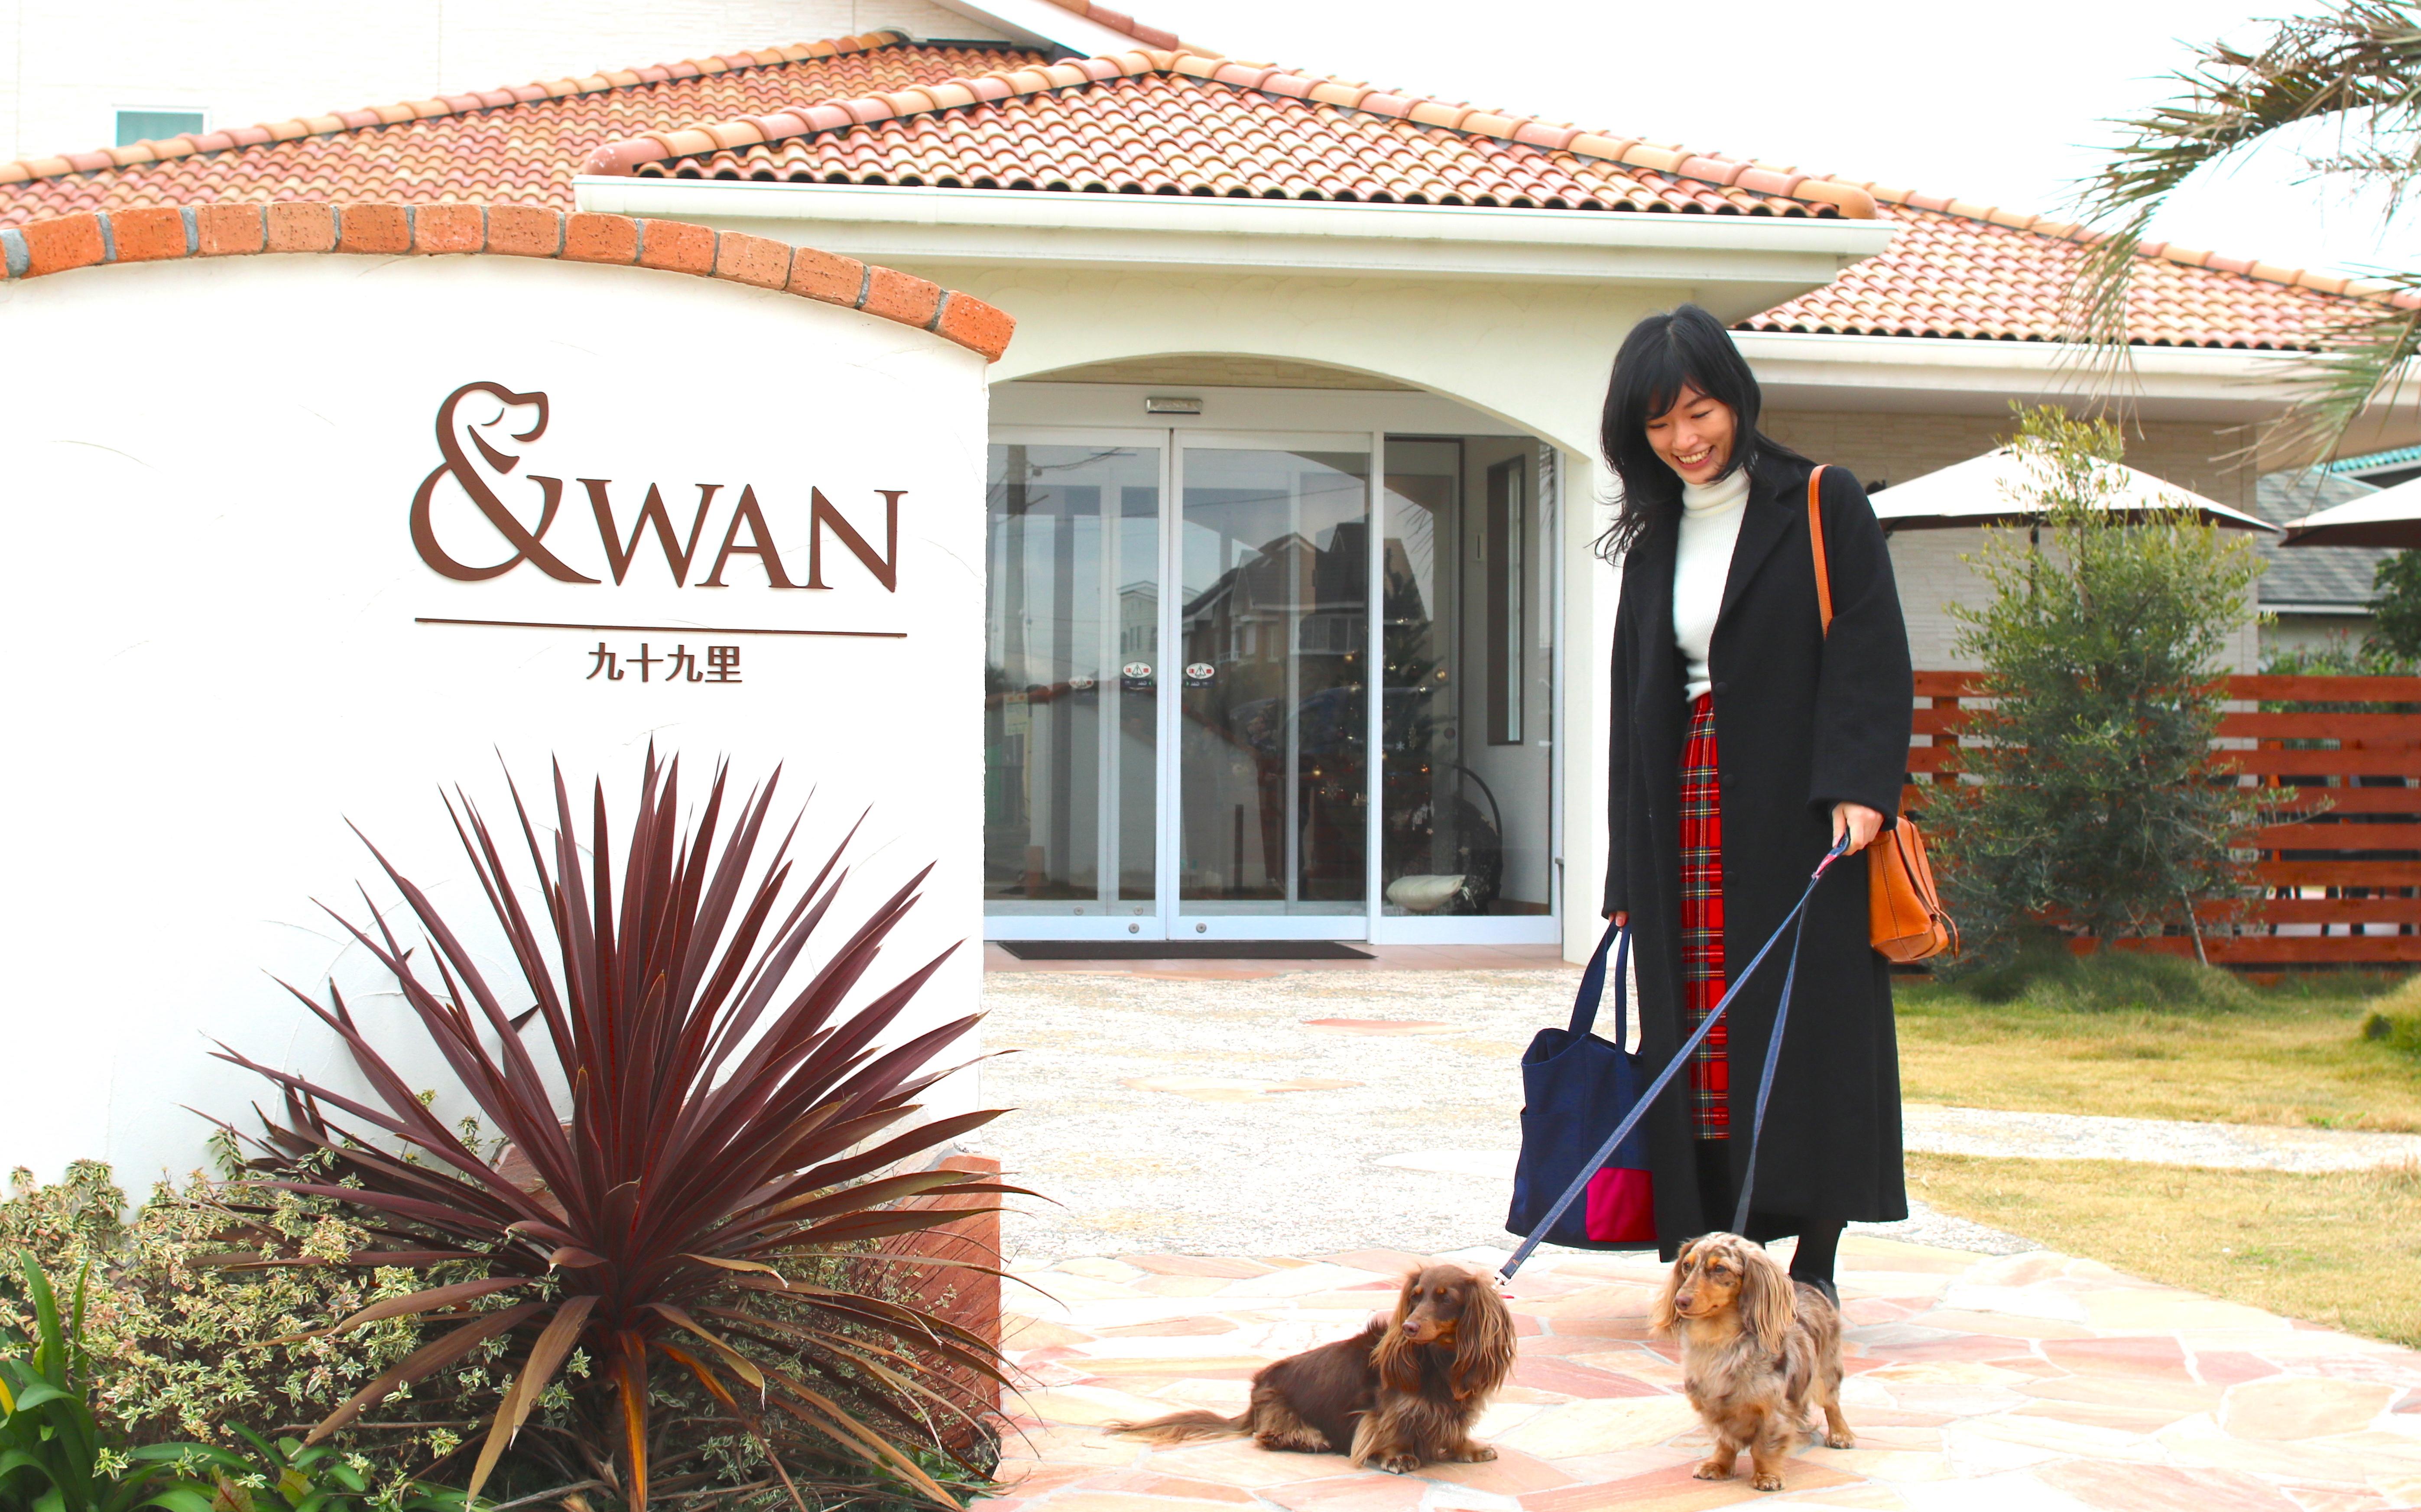 愛犬との初旅はワンコに至れり尽くせりがご自慢の九十九里「&WAN」でリゾート気分を満喫しよう♪